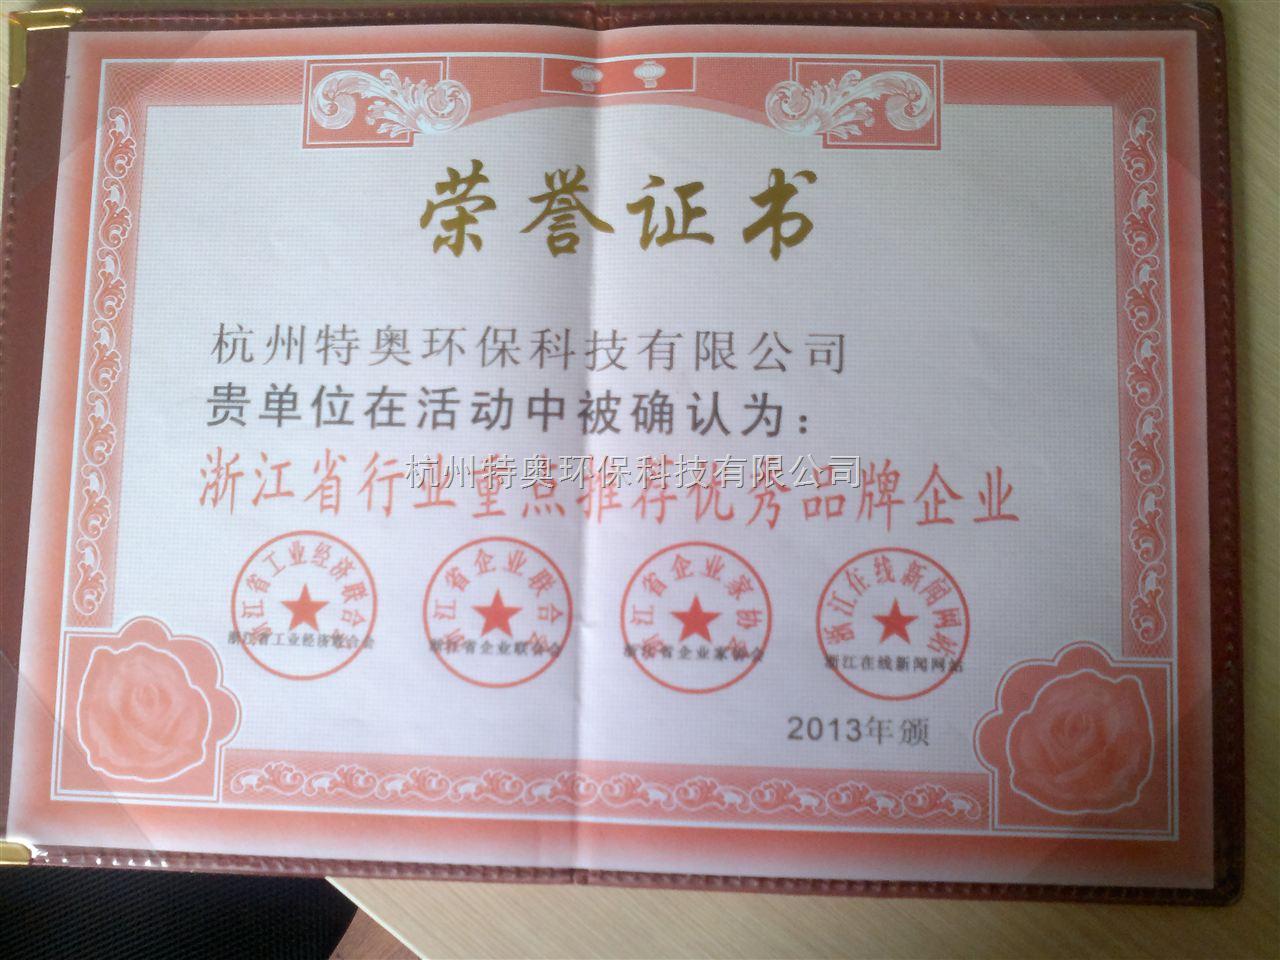 杭州特奥环保科技有限公司荣誉证书